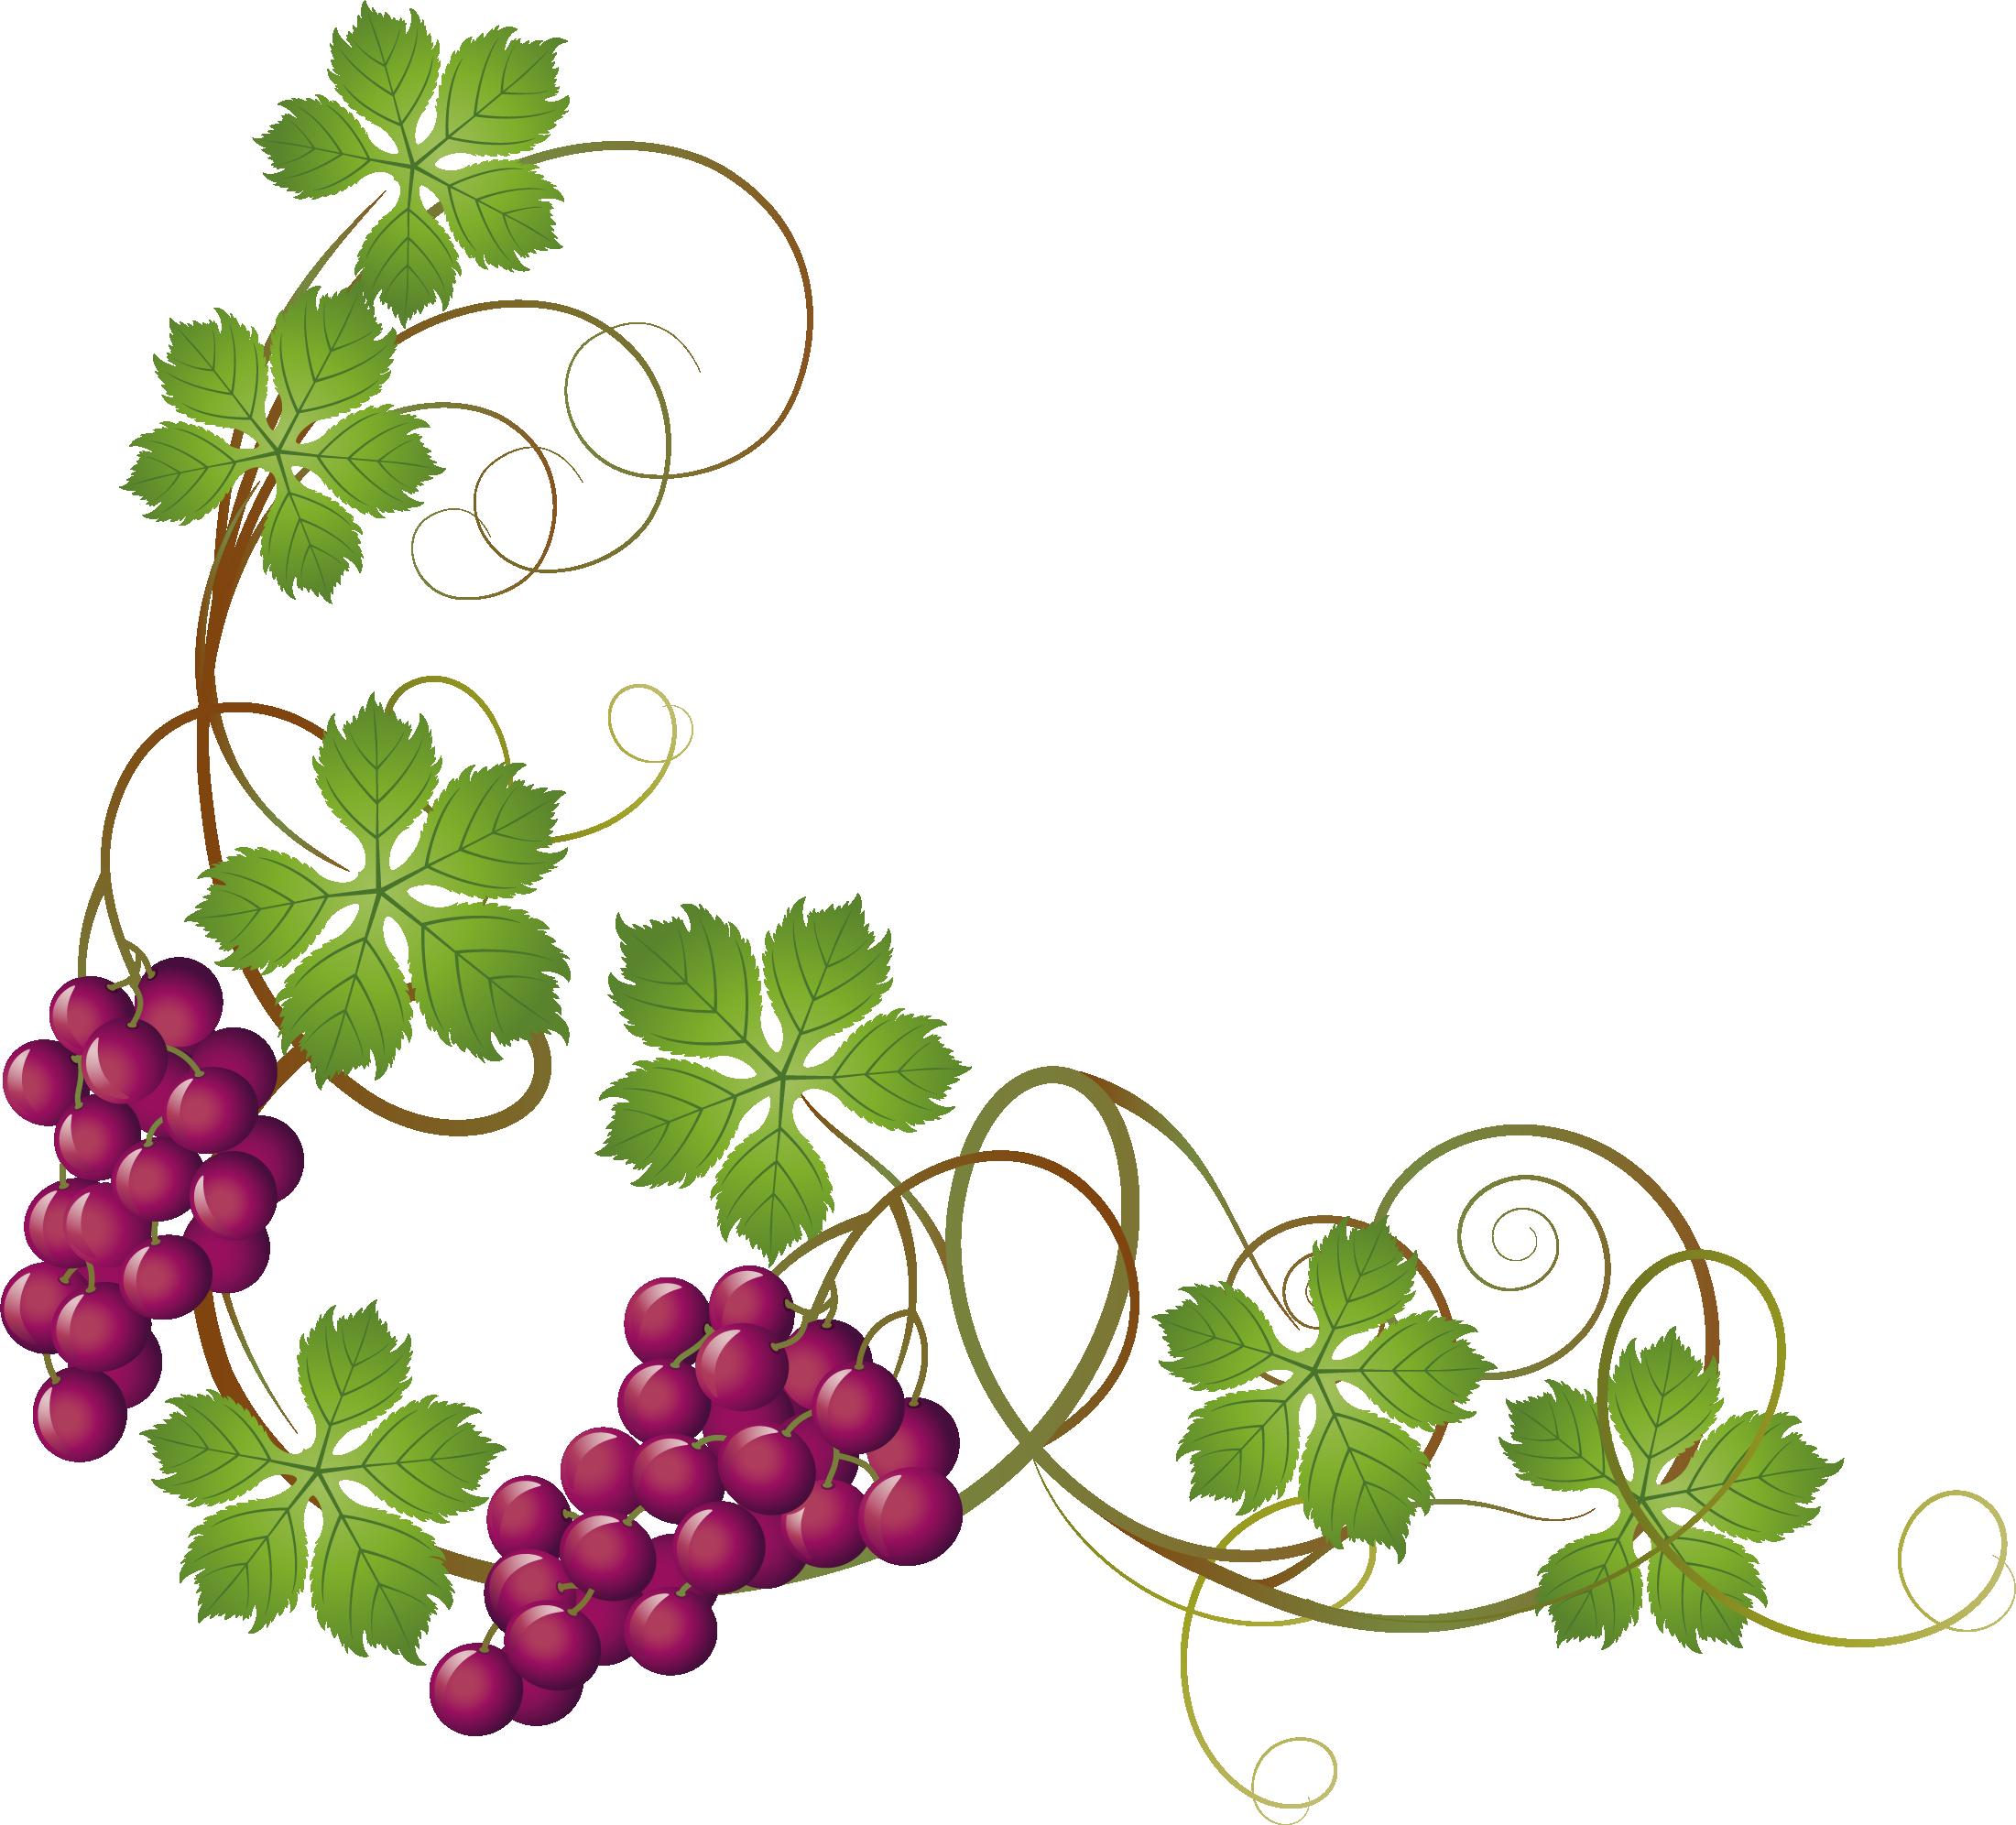 Grape Vine Clipart at GetDrawings.com.